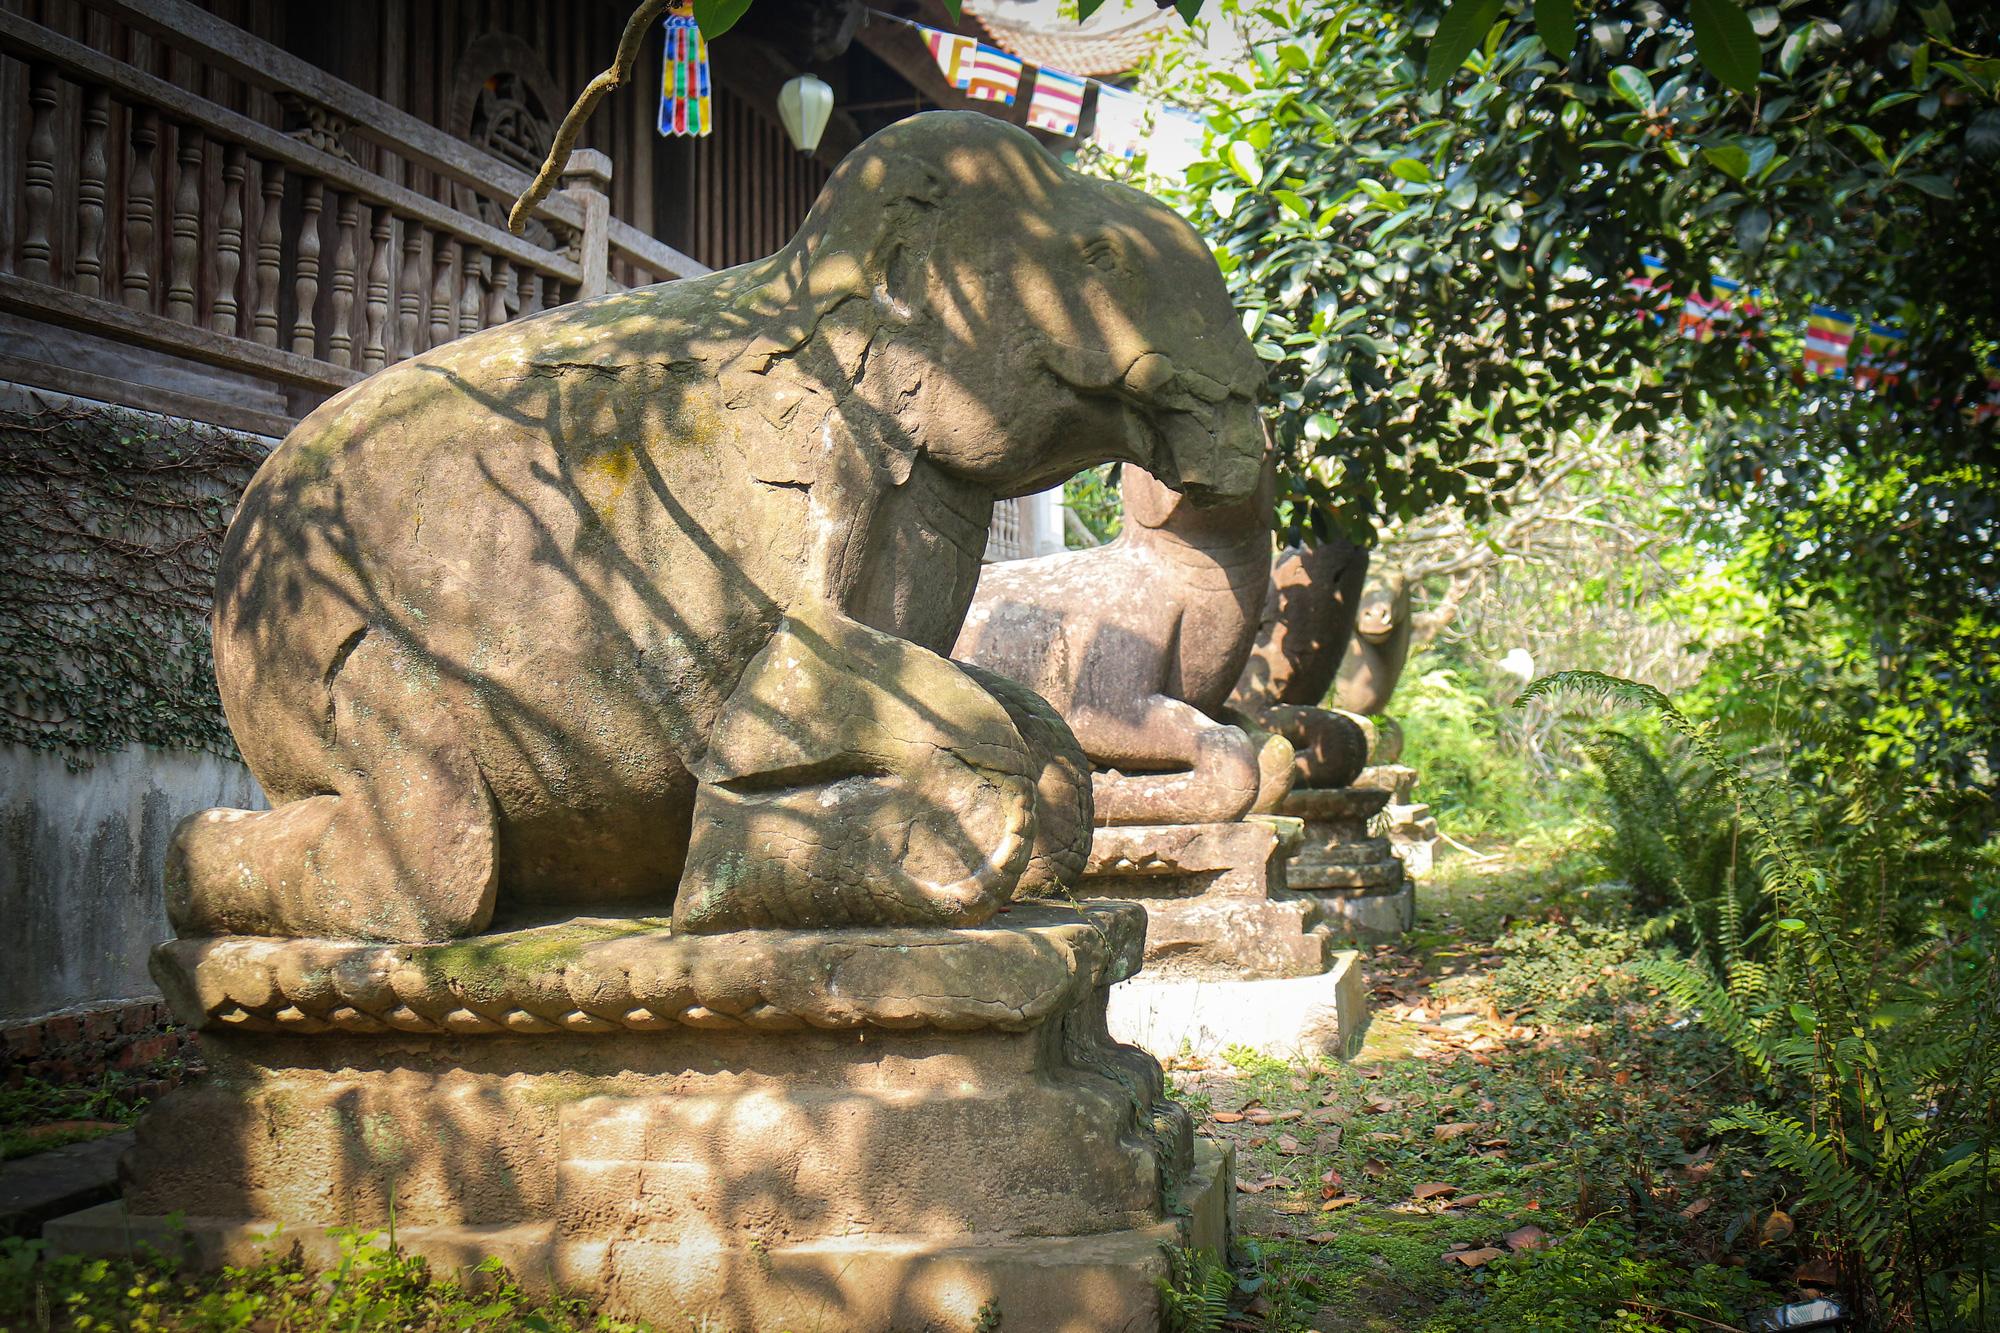 Bất ngờ ý nghĩa thực sự của bộ tượng linh thú nghìn tuổi ở chùa Phật Tích - Ảnh 8.